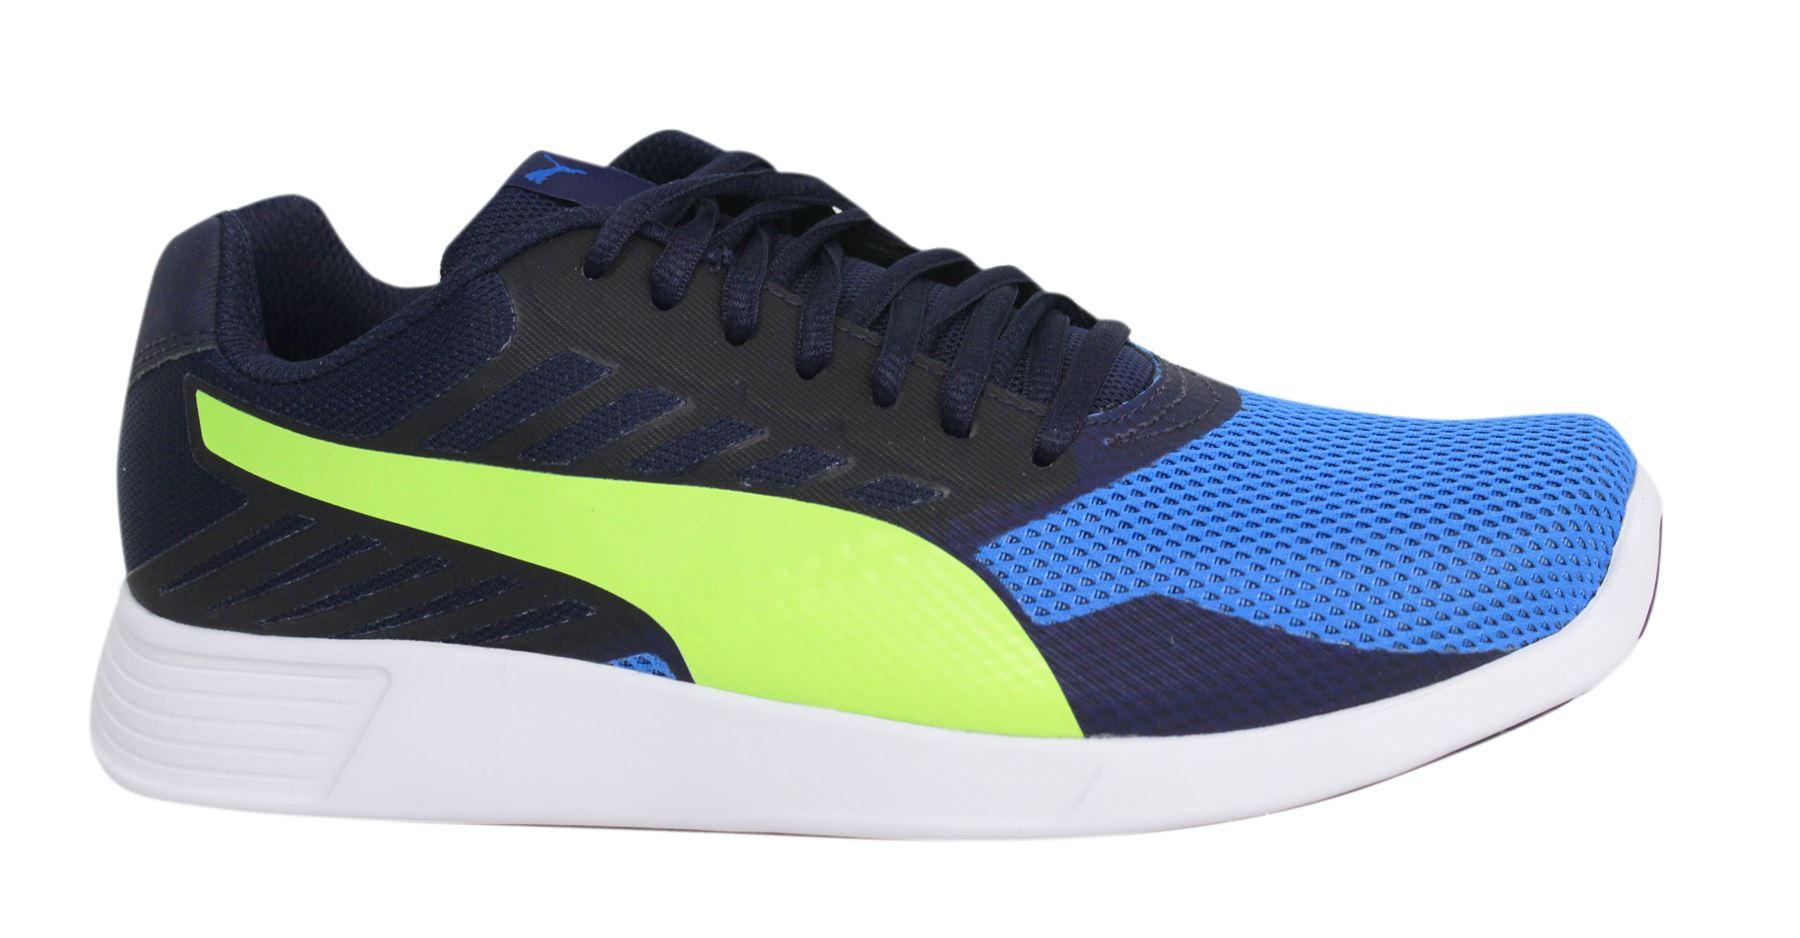 Puma ST Lacci Blu Pro Giallo Tessile Sneaker Uomo 361959 04 P2